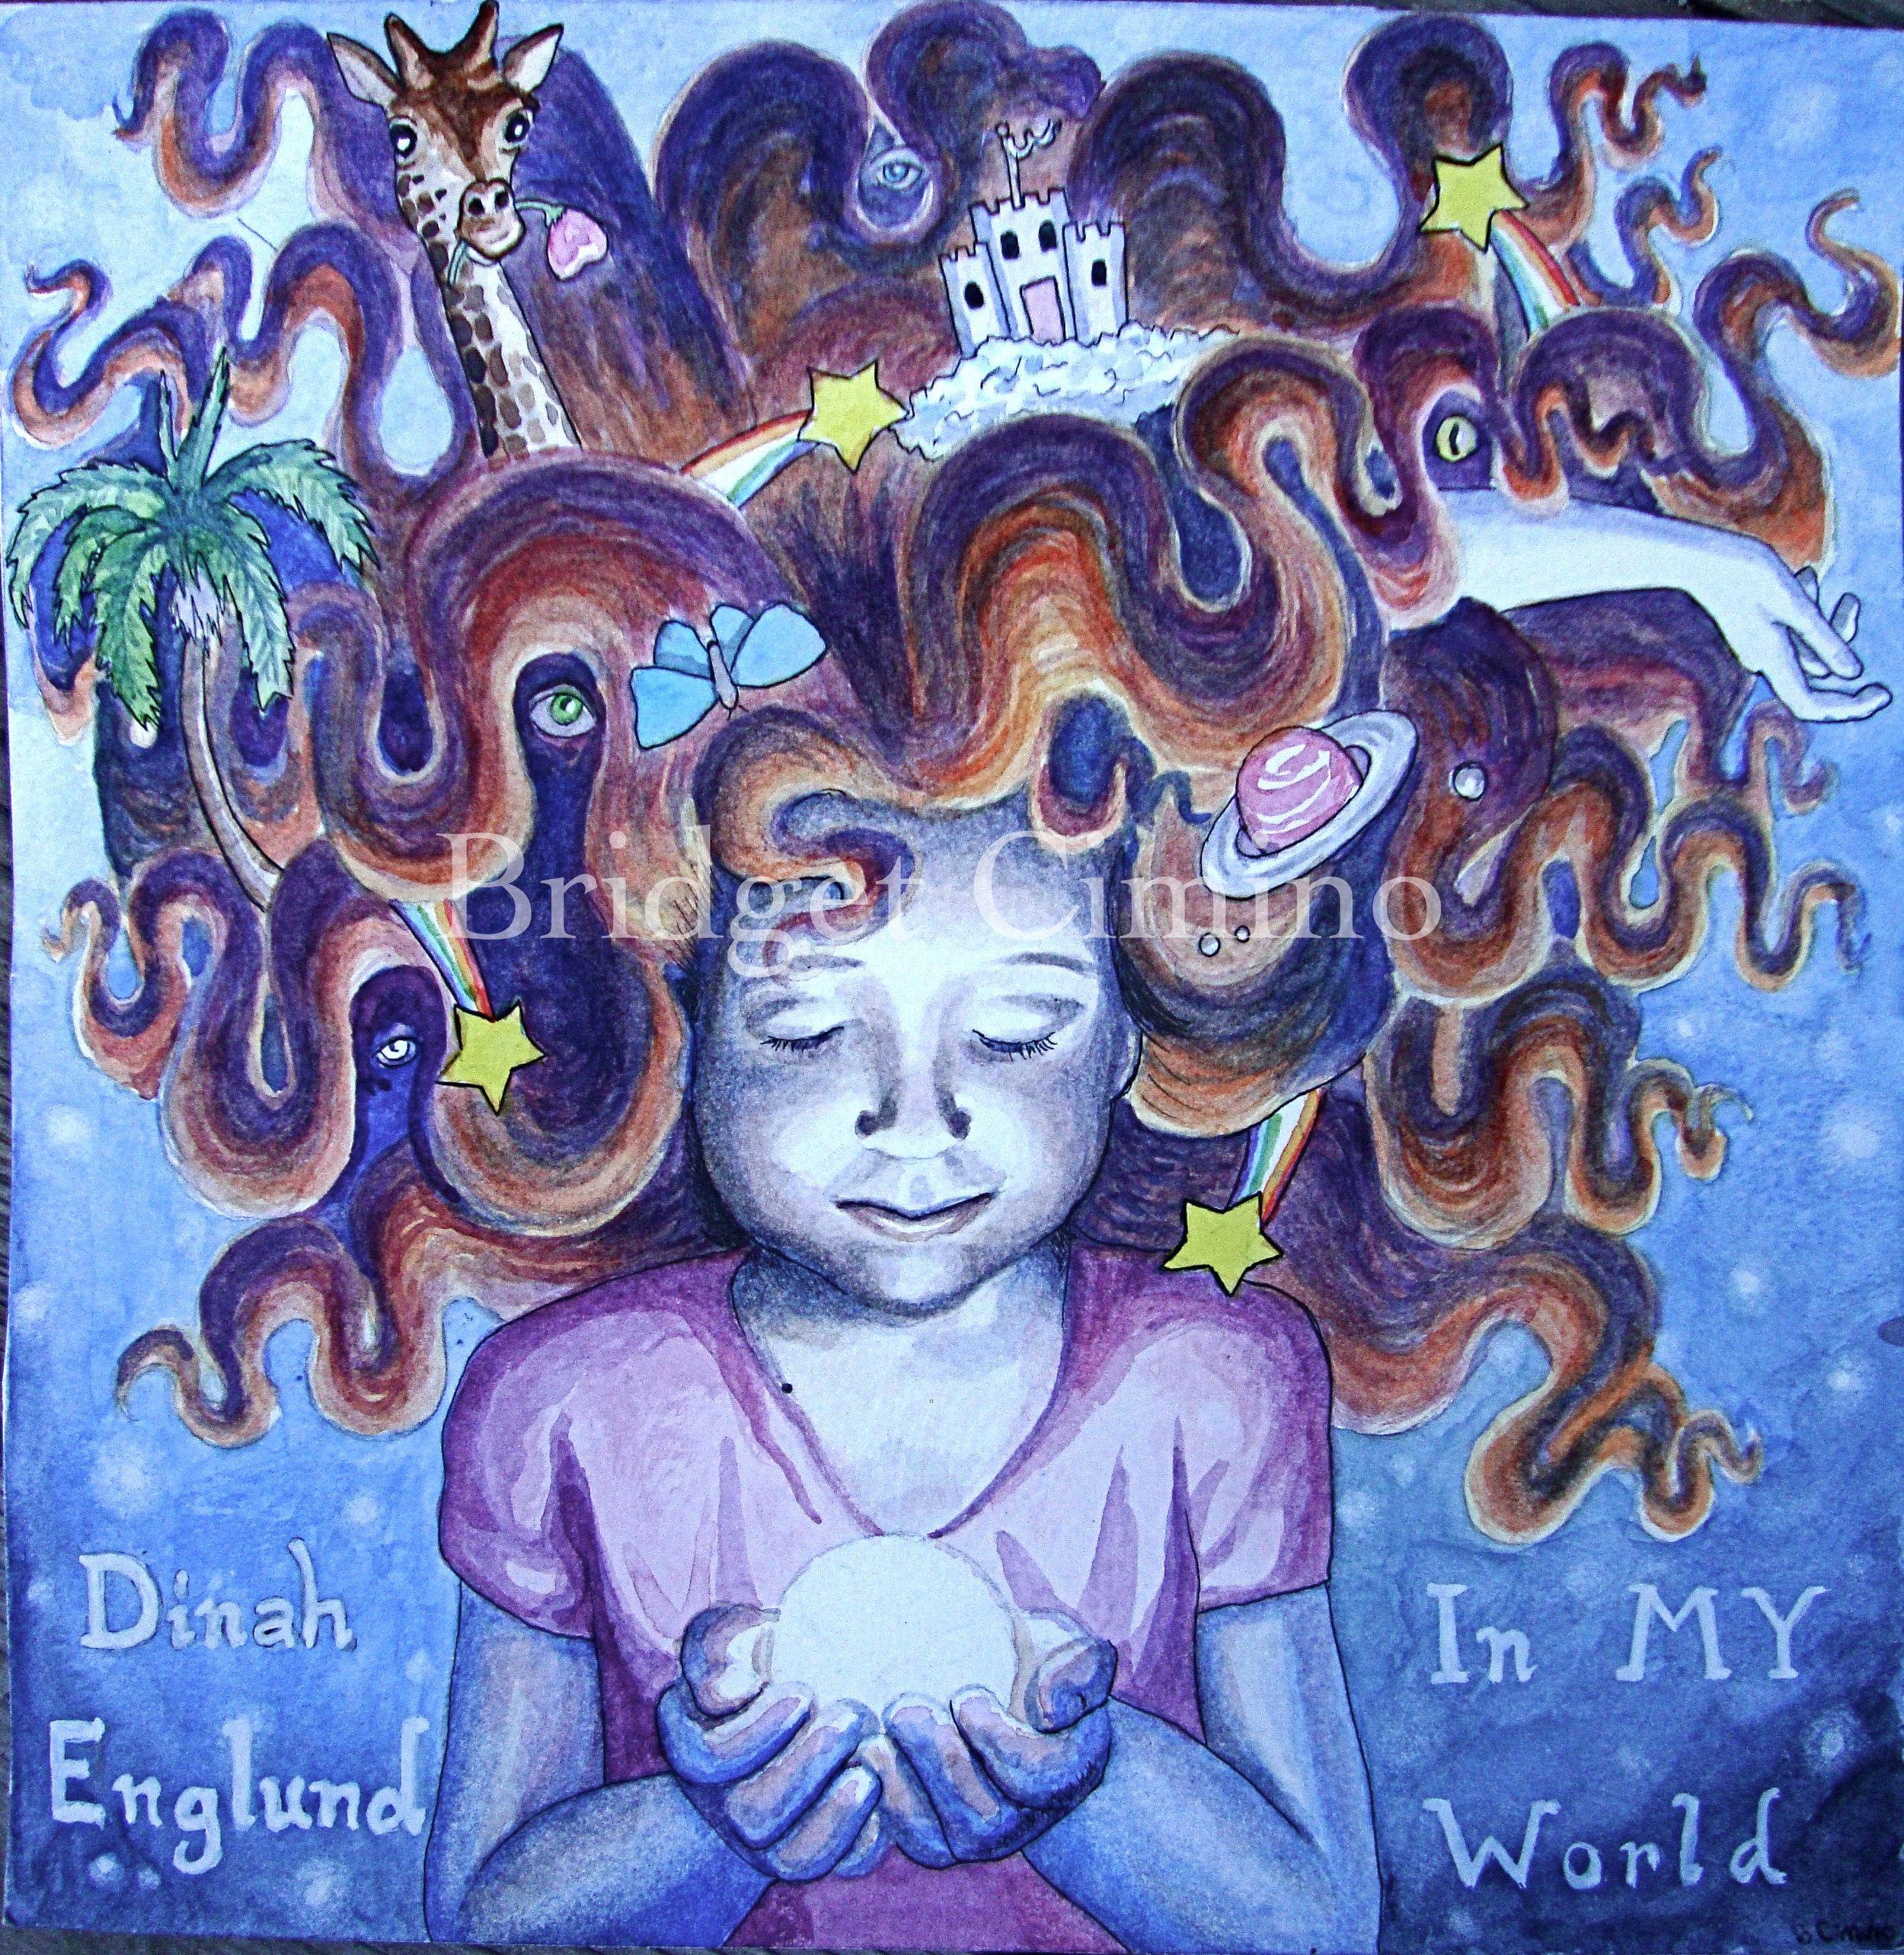 In My World, Dinah Englund